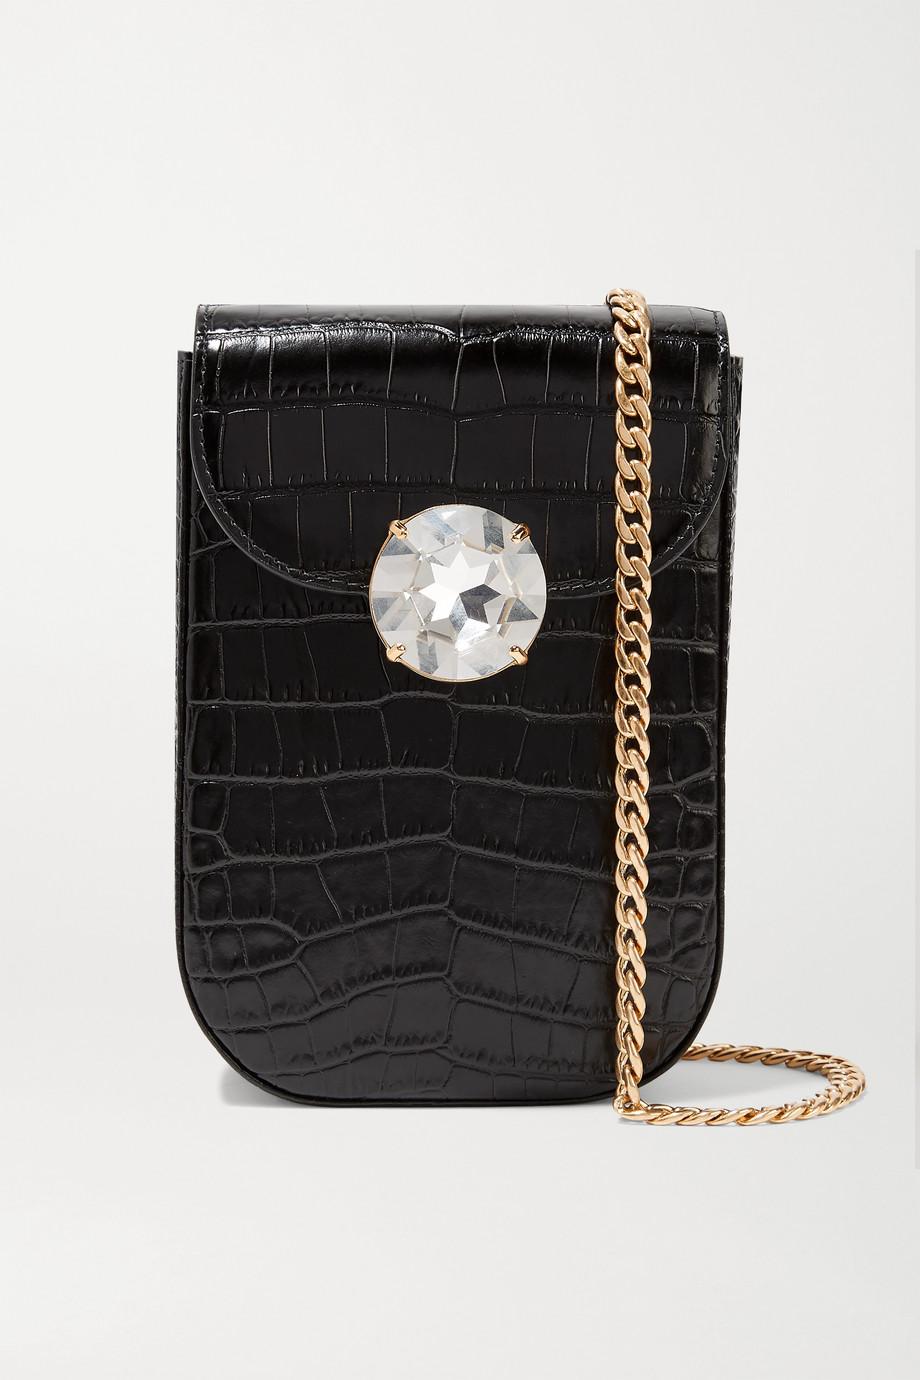 Miu Miu Soitaire Schultertasche aus Leder mit Krokodileffekt und Kristall